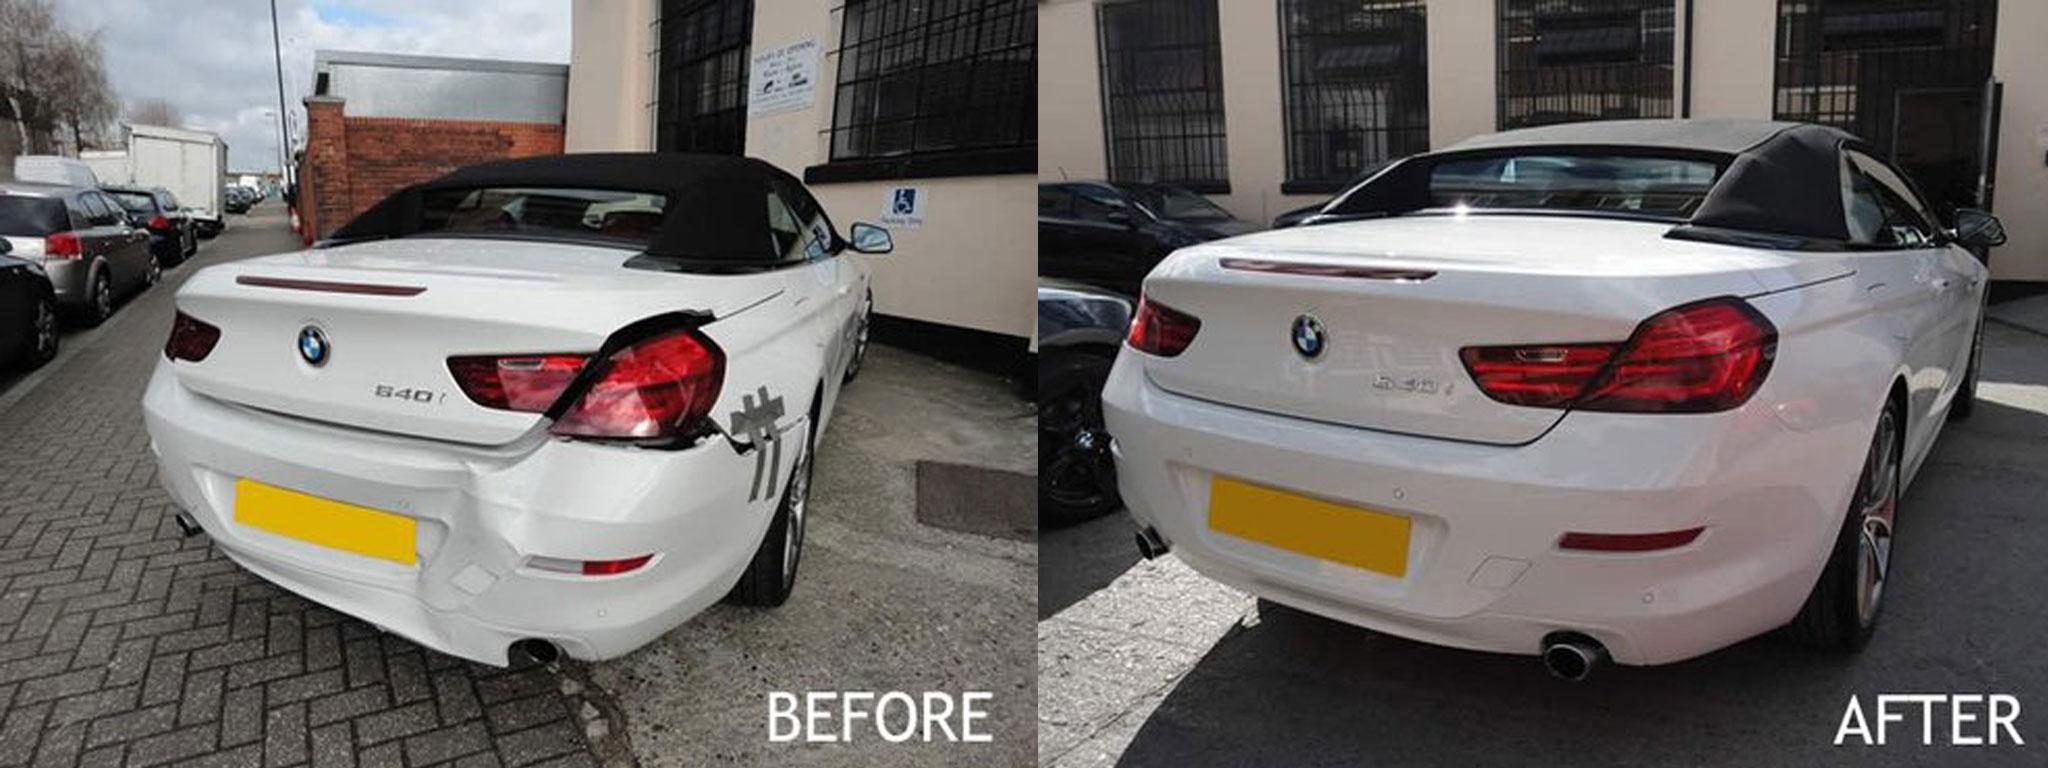 BMW damage repair